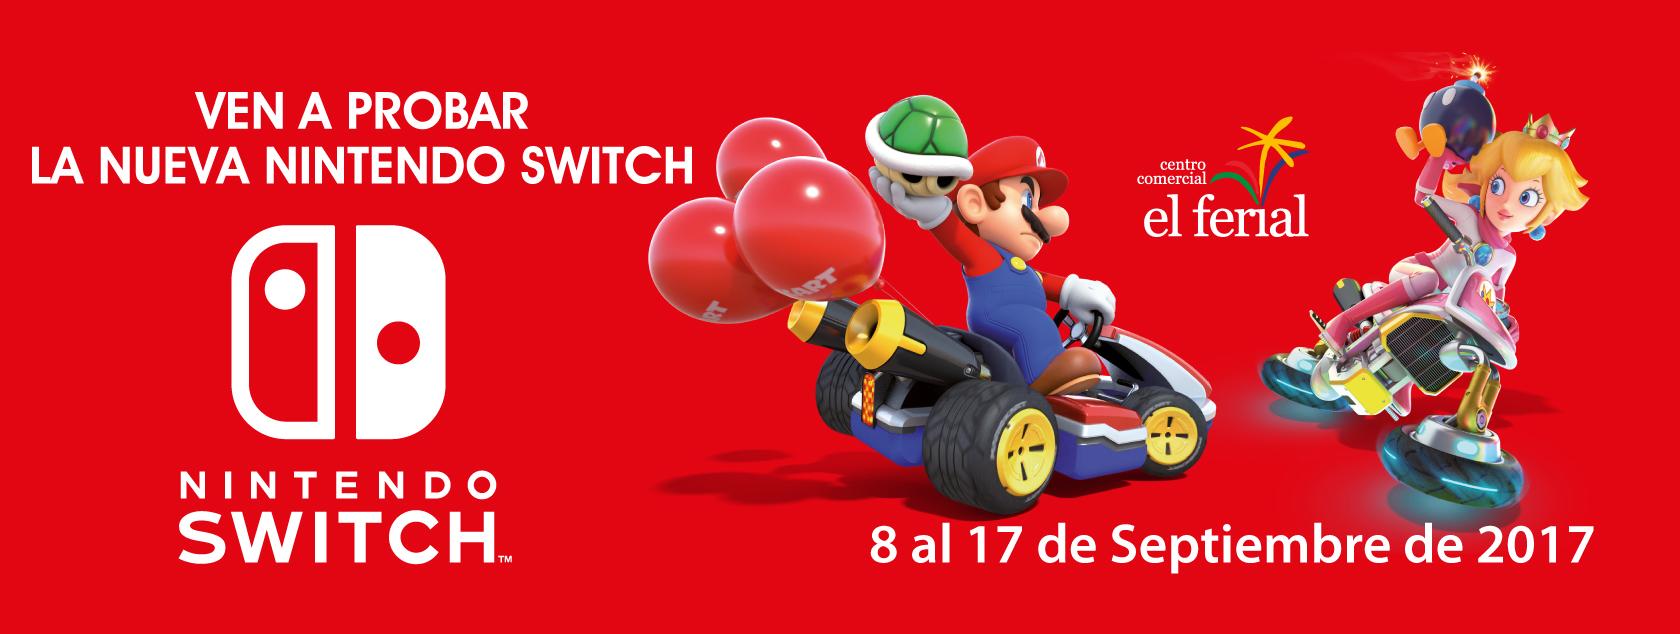 Ven a probar la nueva Nintendo Switch